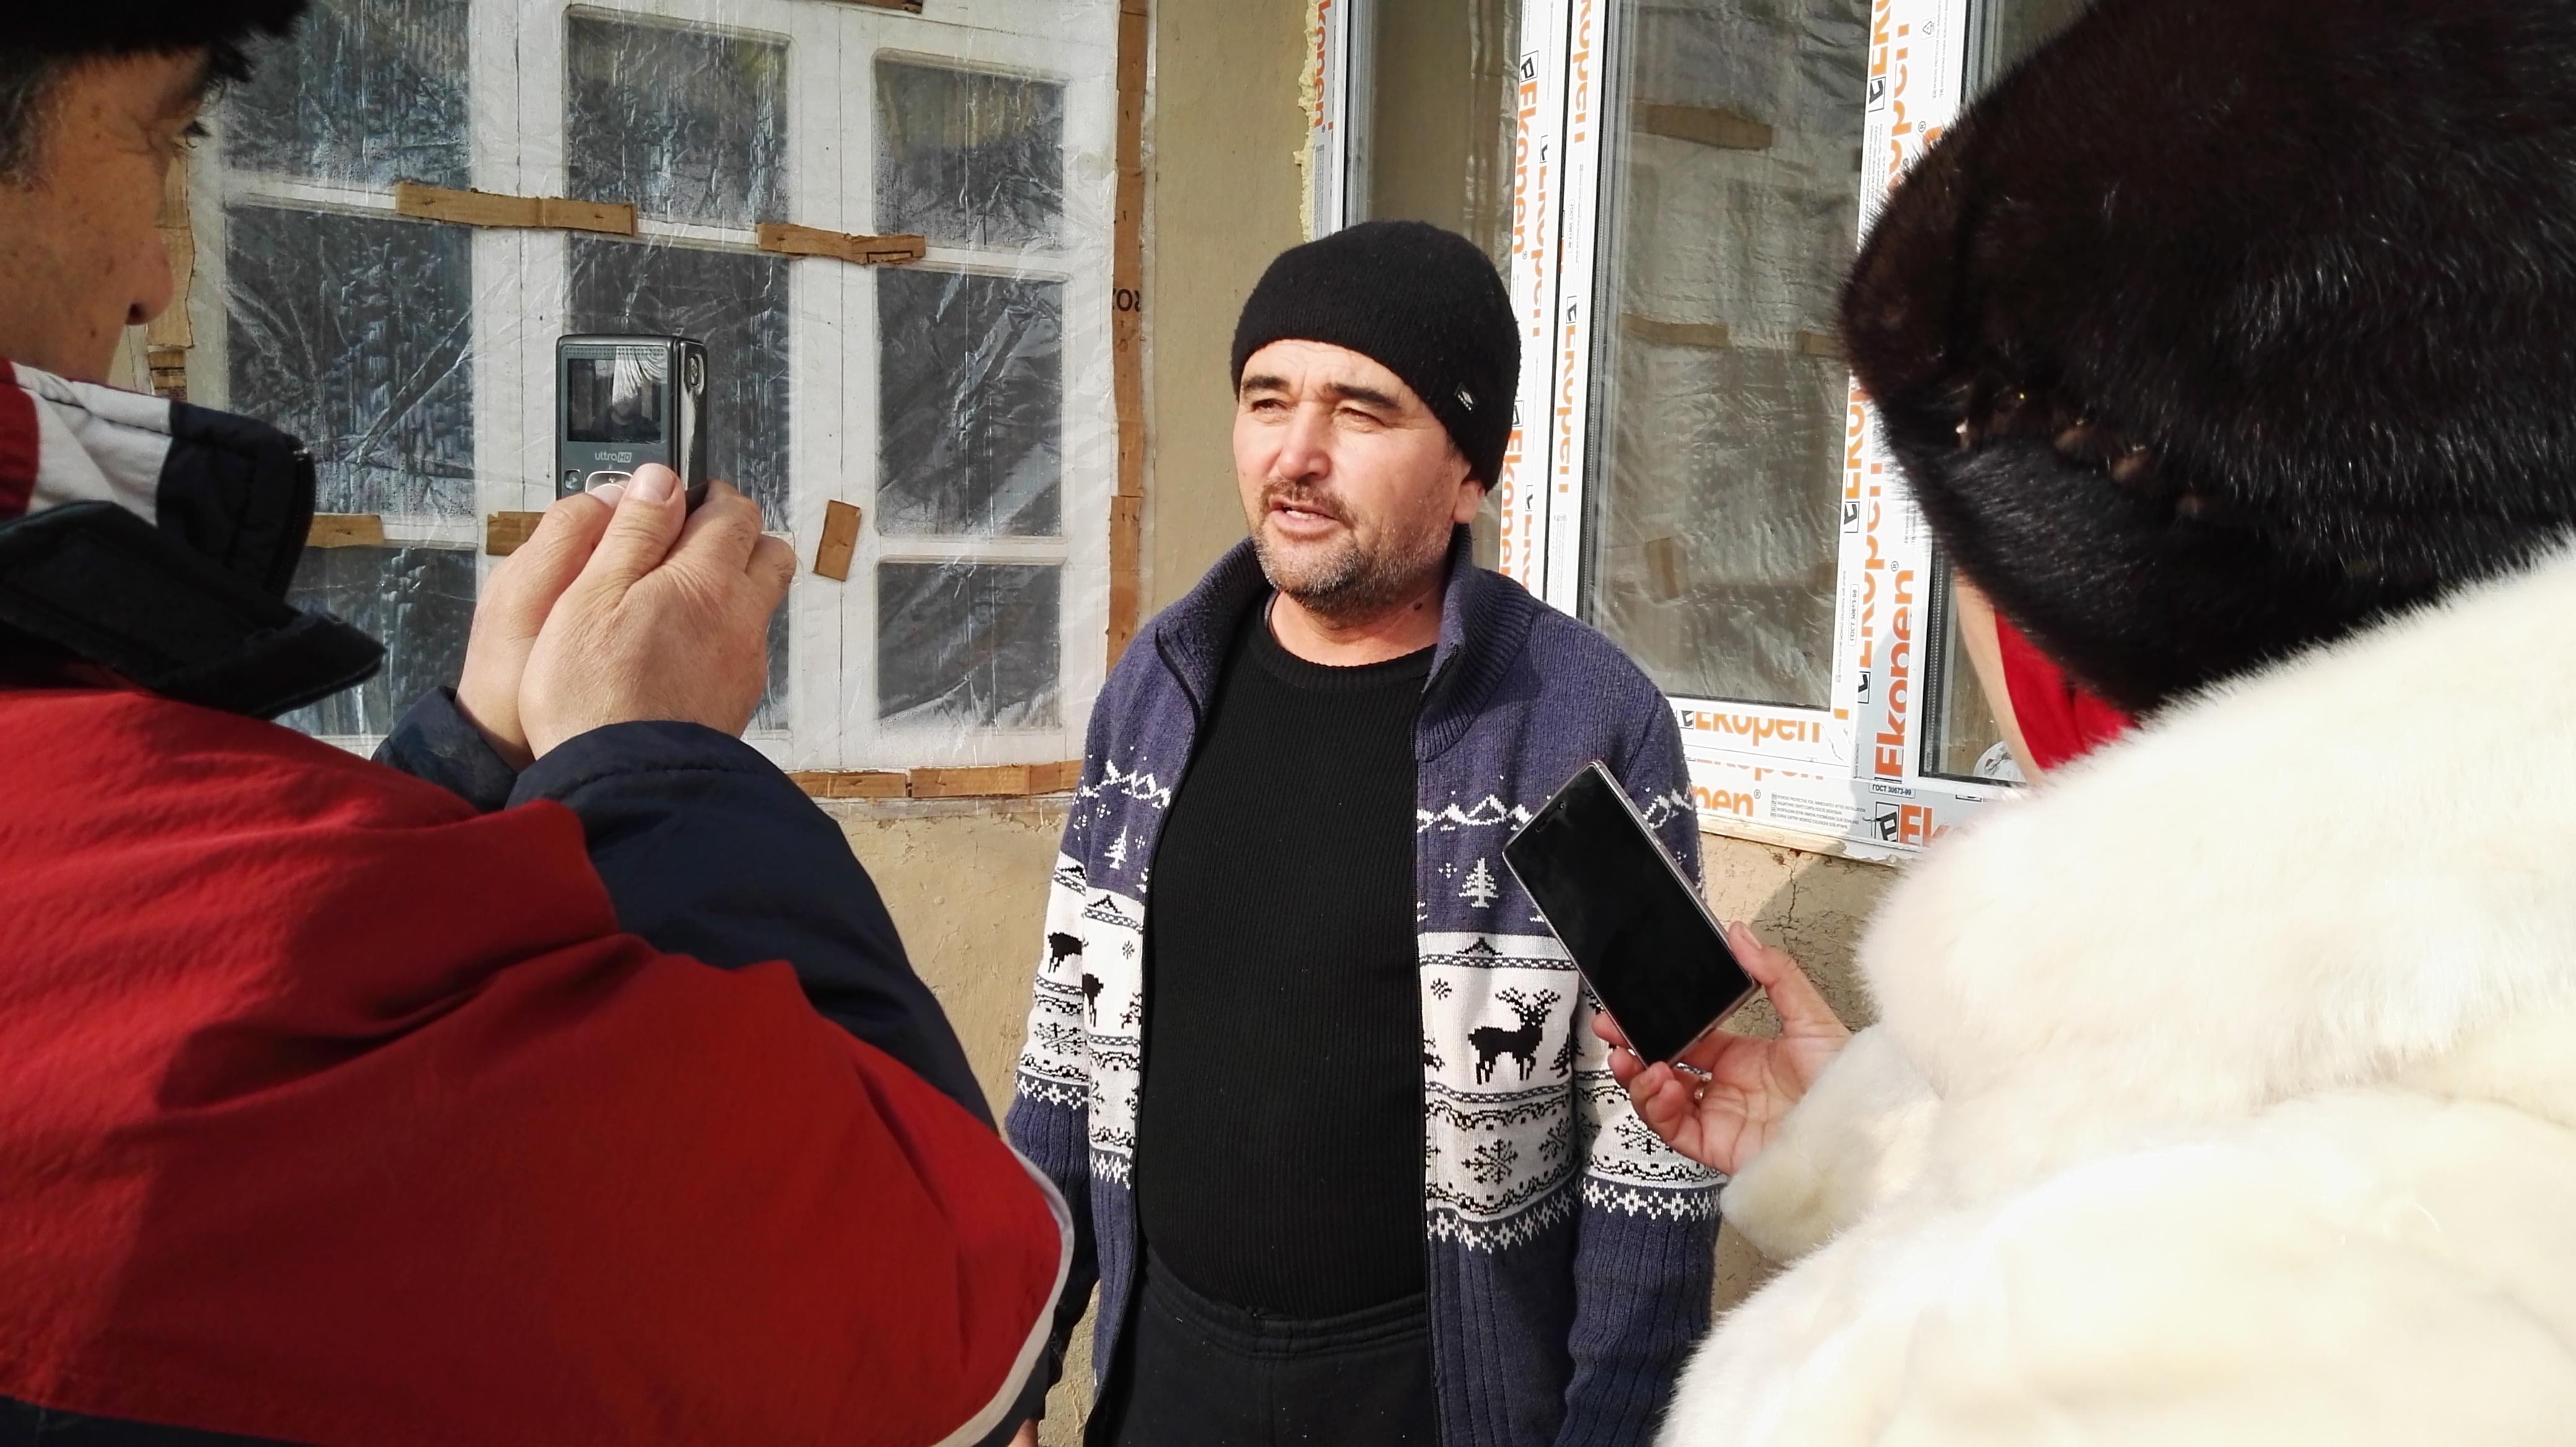 Таджикистанец рассказал о том, как ИГИЛ разрушил его семью